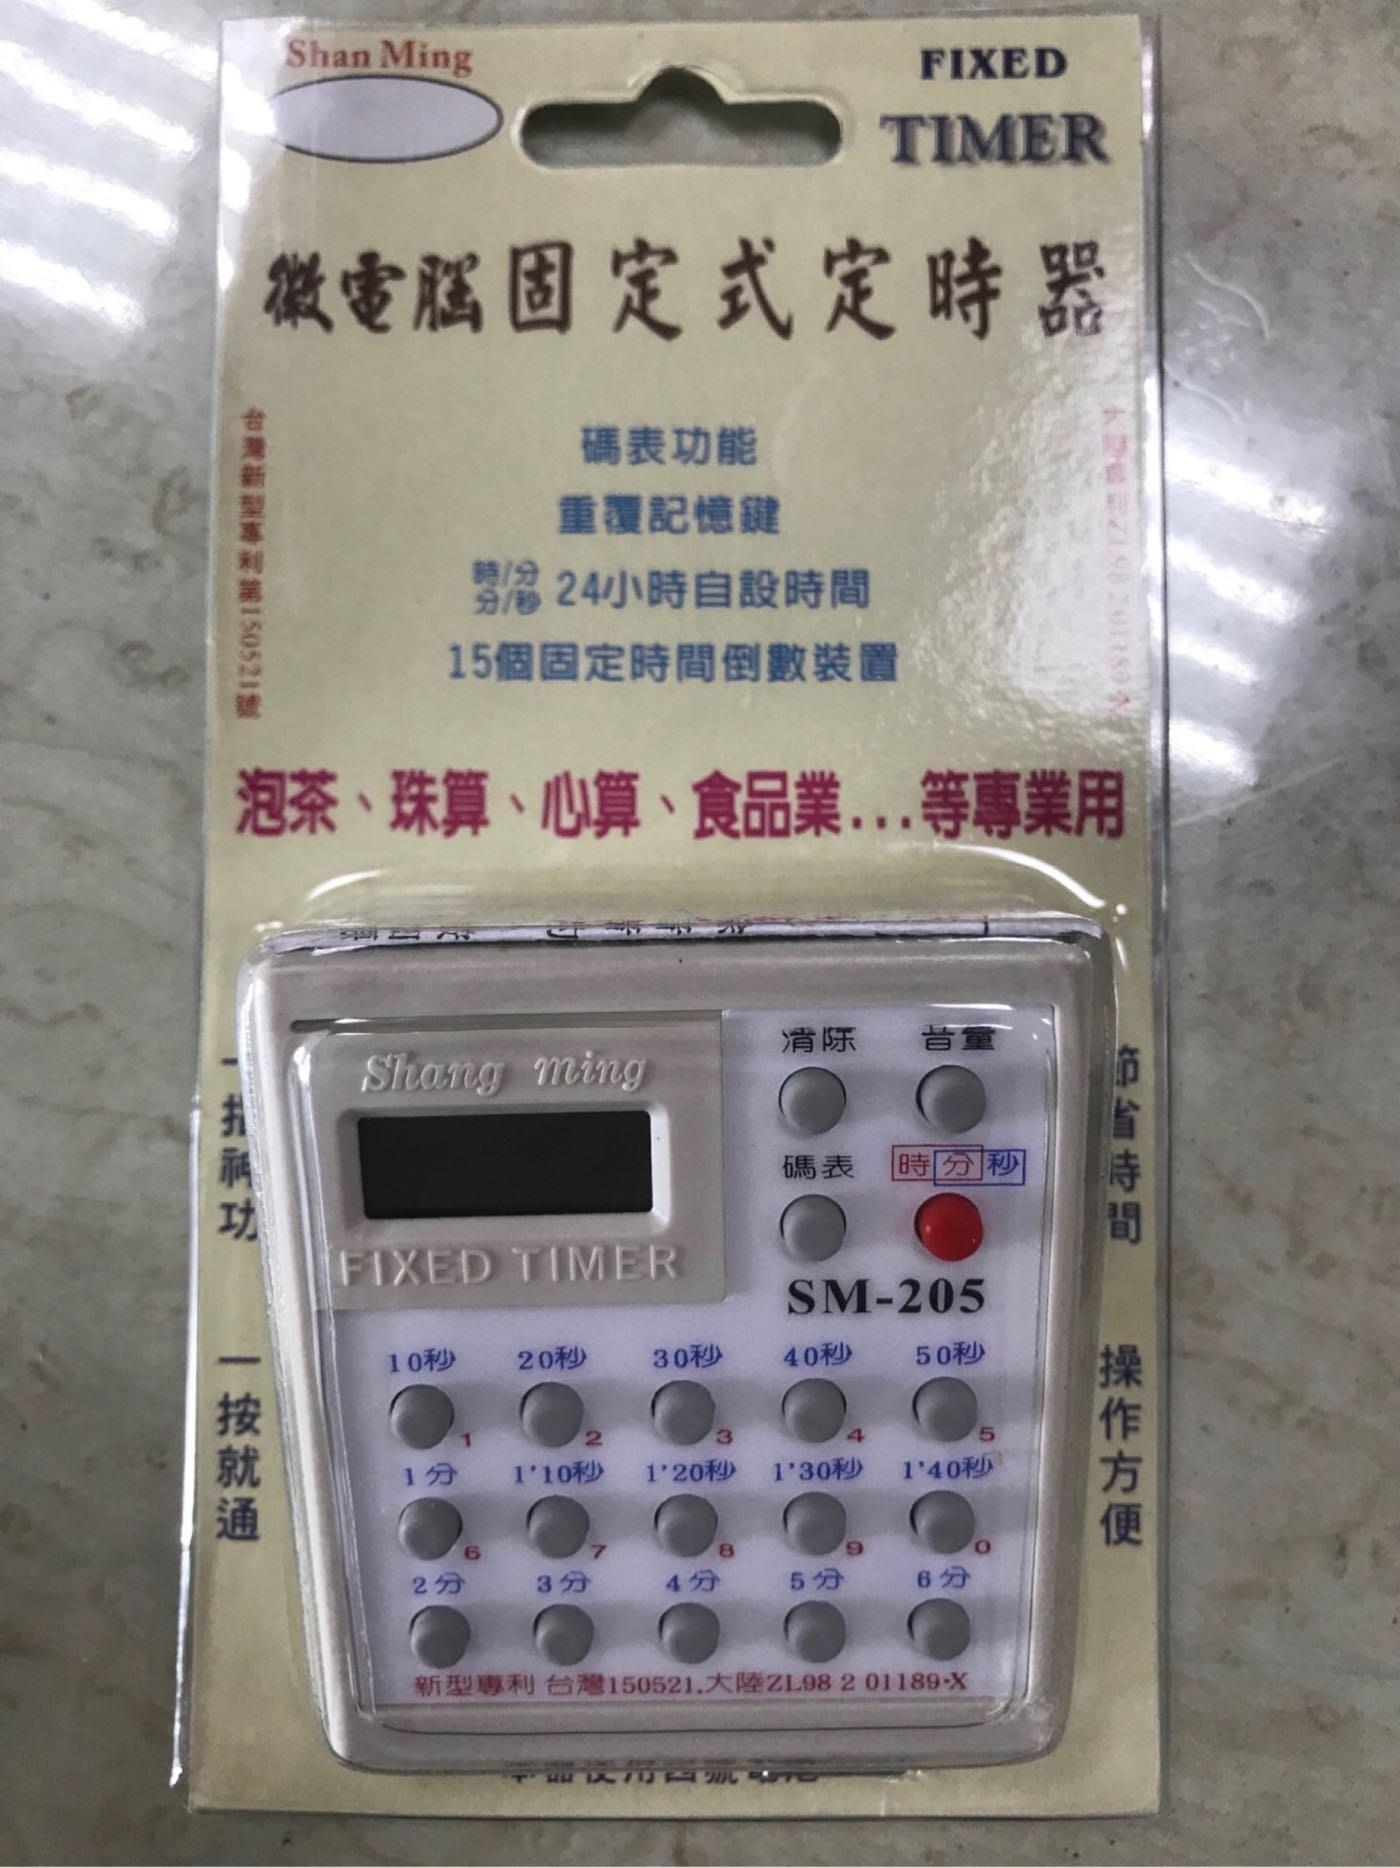 限量~台灣製 製泡茶神器~微電腦固定式定時器 SM-205(泡茶用)烹飪 計時器